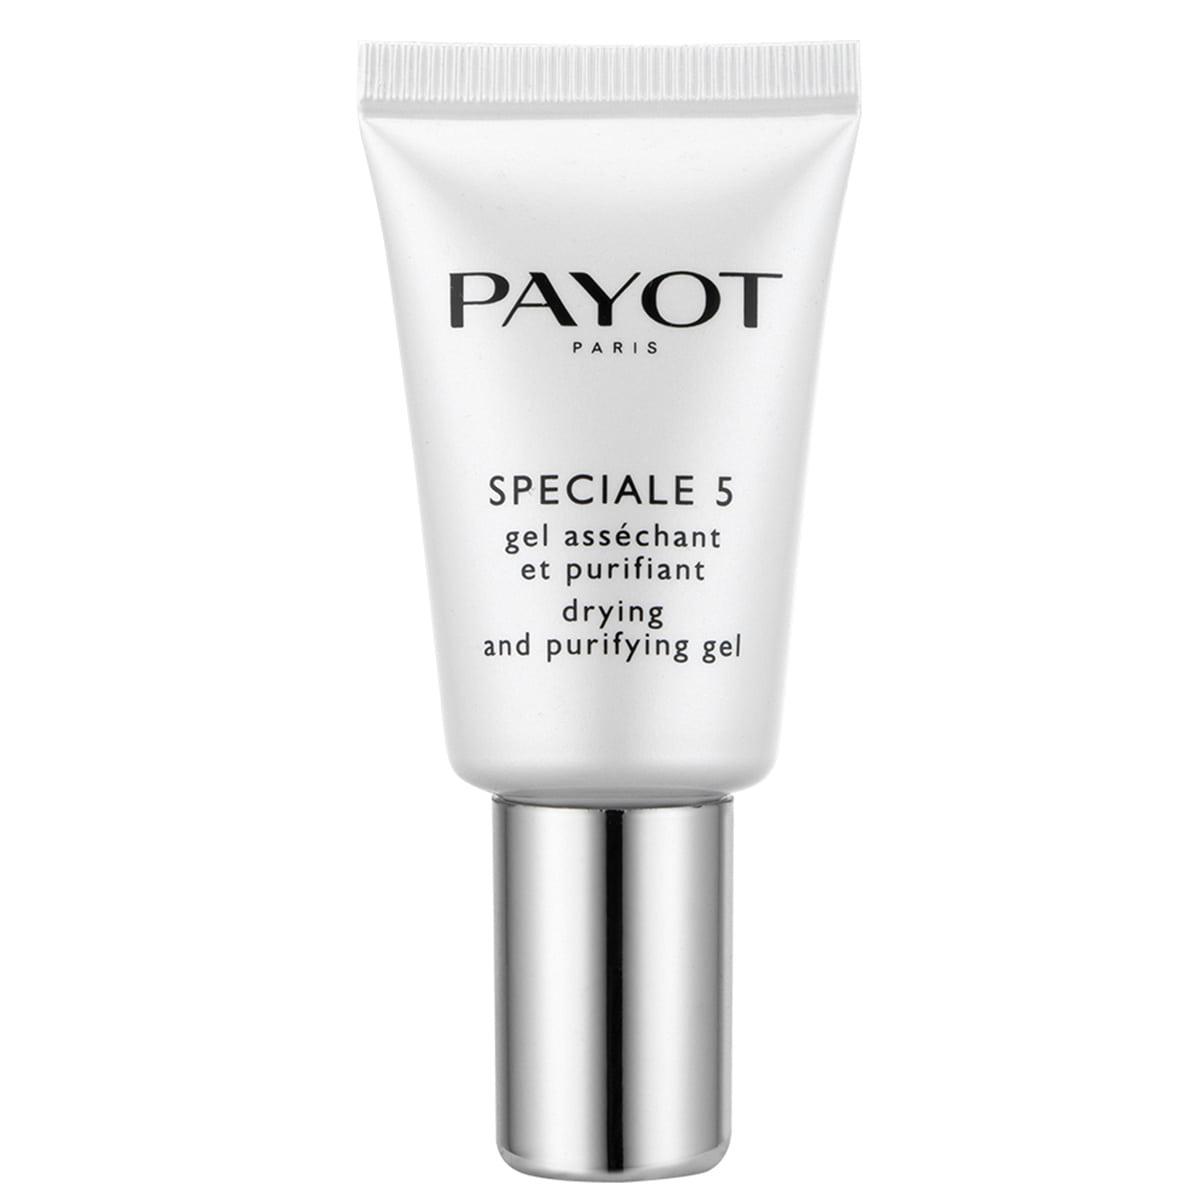 Payot - Pâte Grise Spéciale 5 - Gel asséchant et purifiant